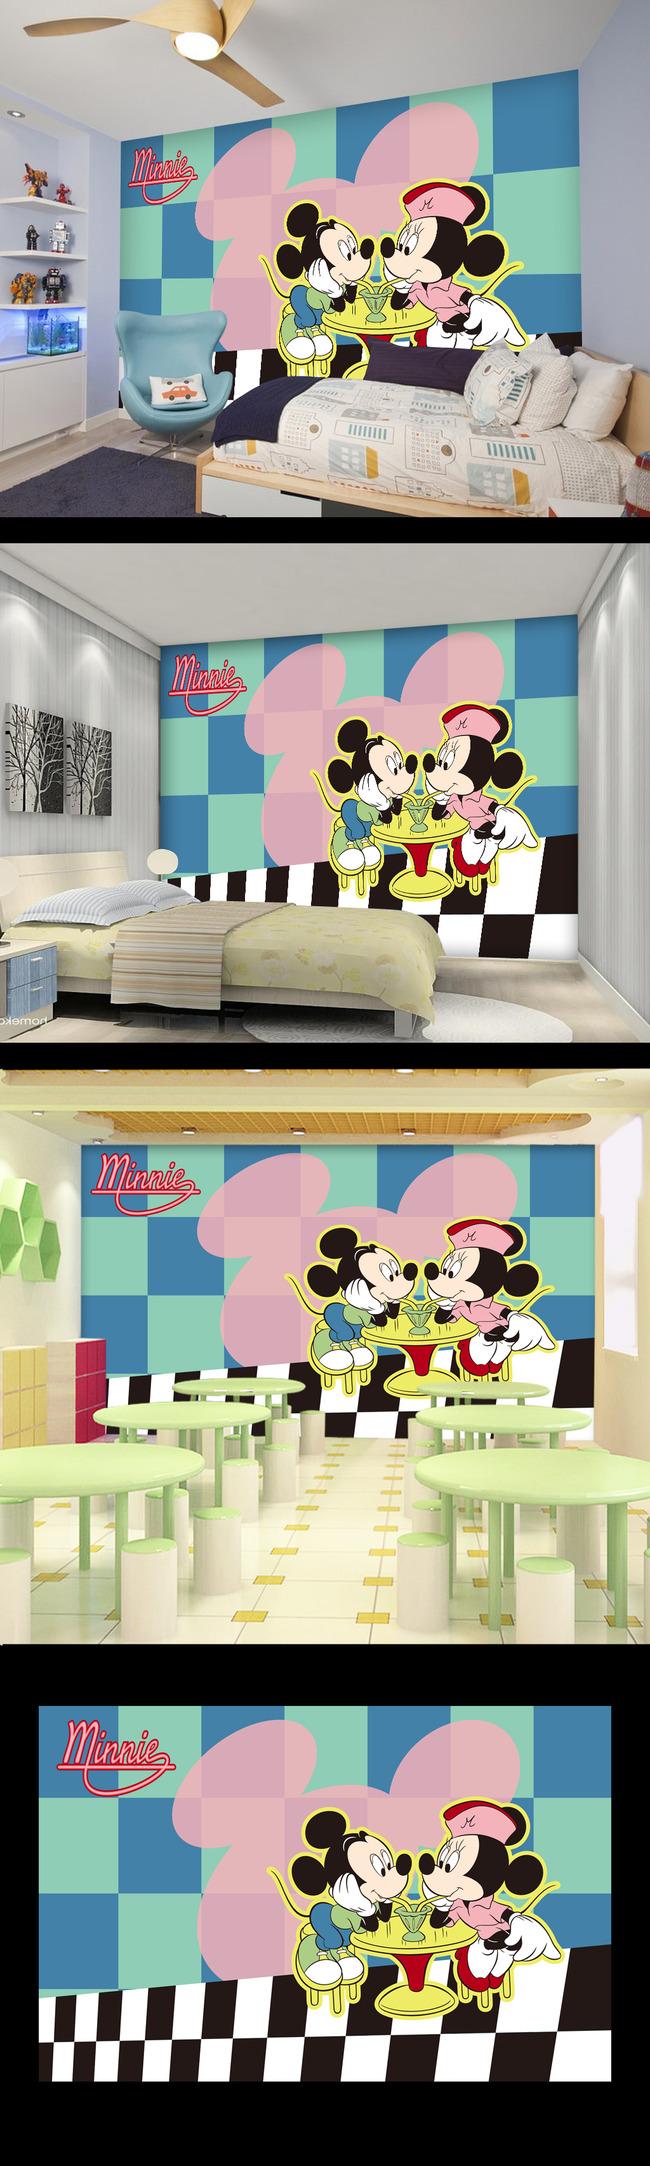 米奇和米妮卡通壁画